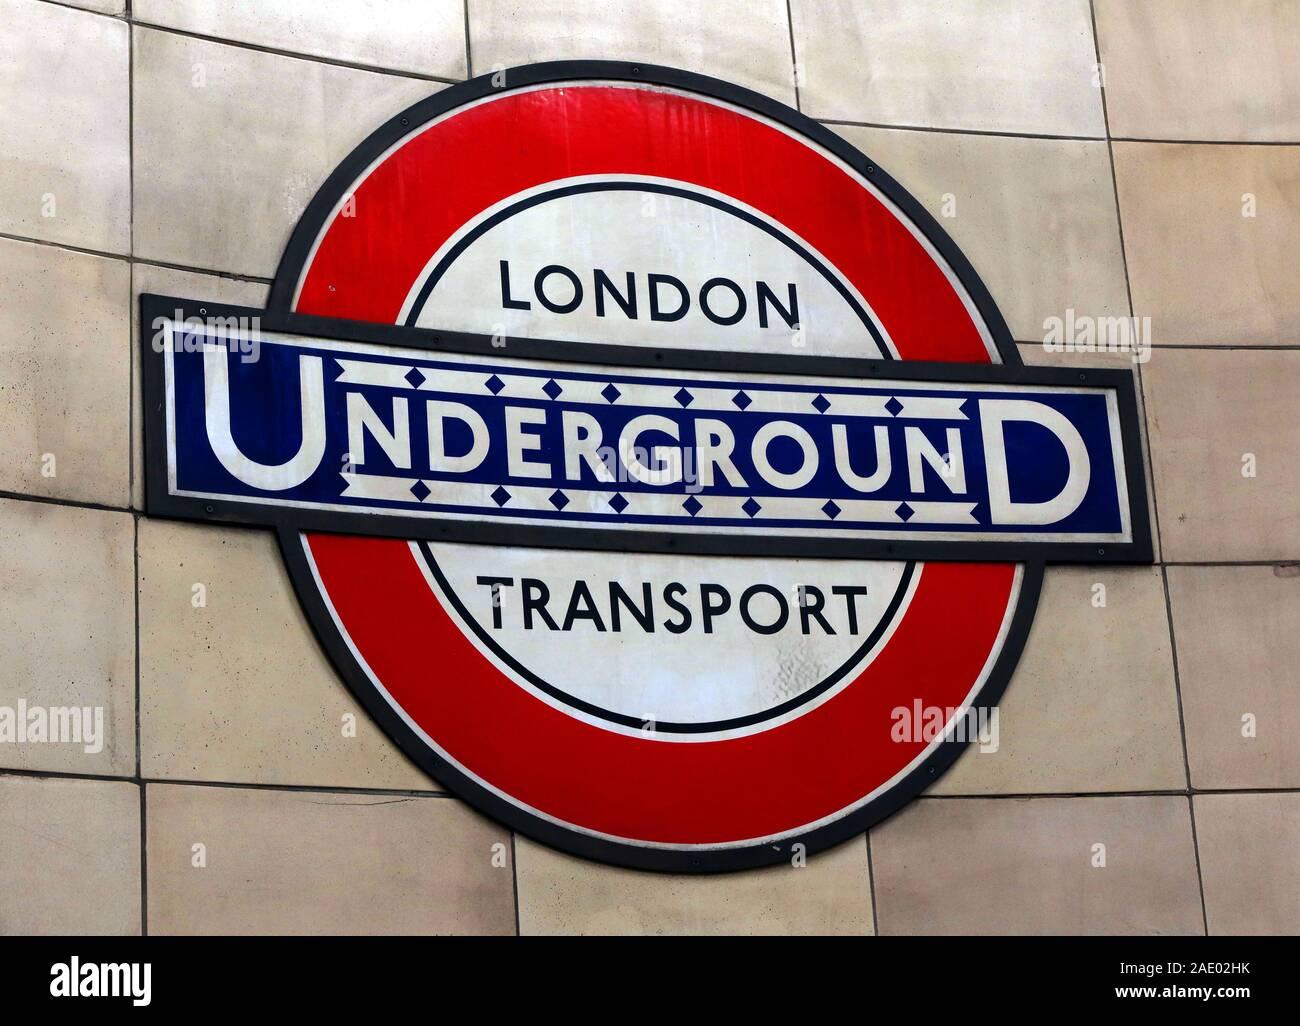 Dieses Stockfoto: London U-Bahn-Schild, London Transport, England, Großbritannien - 2AE02H